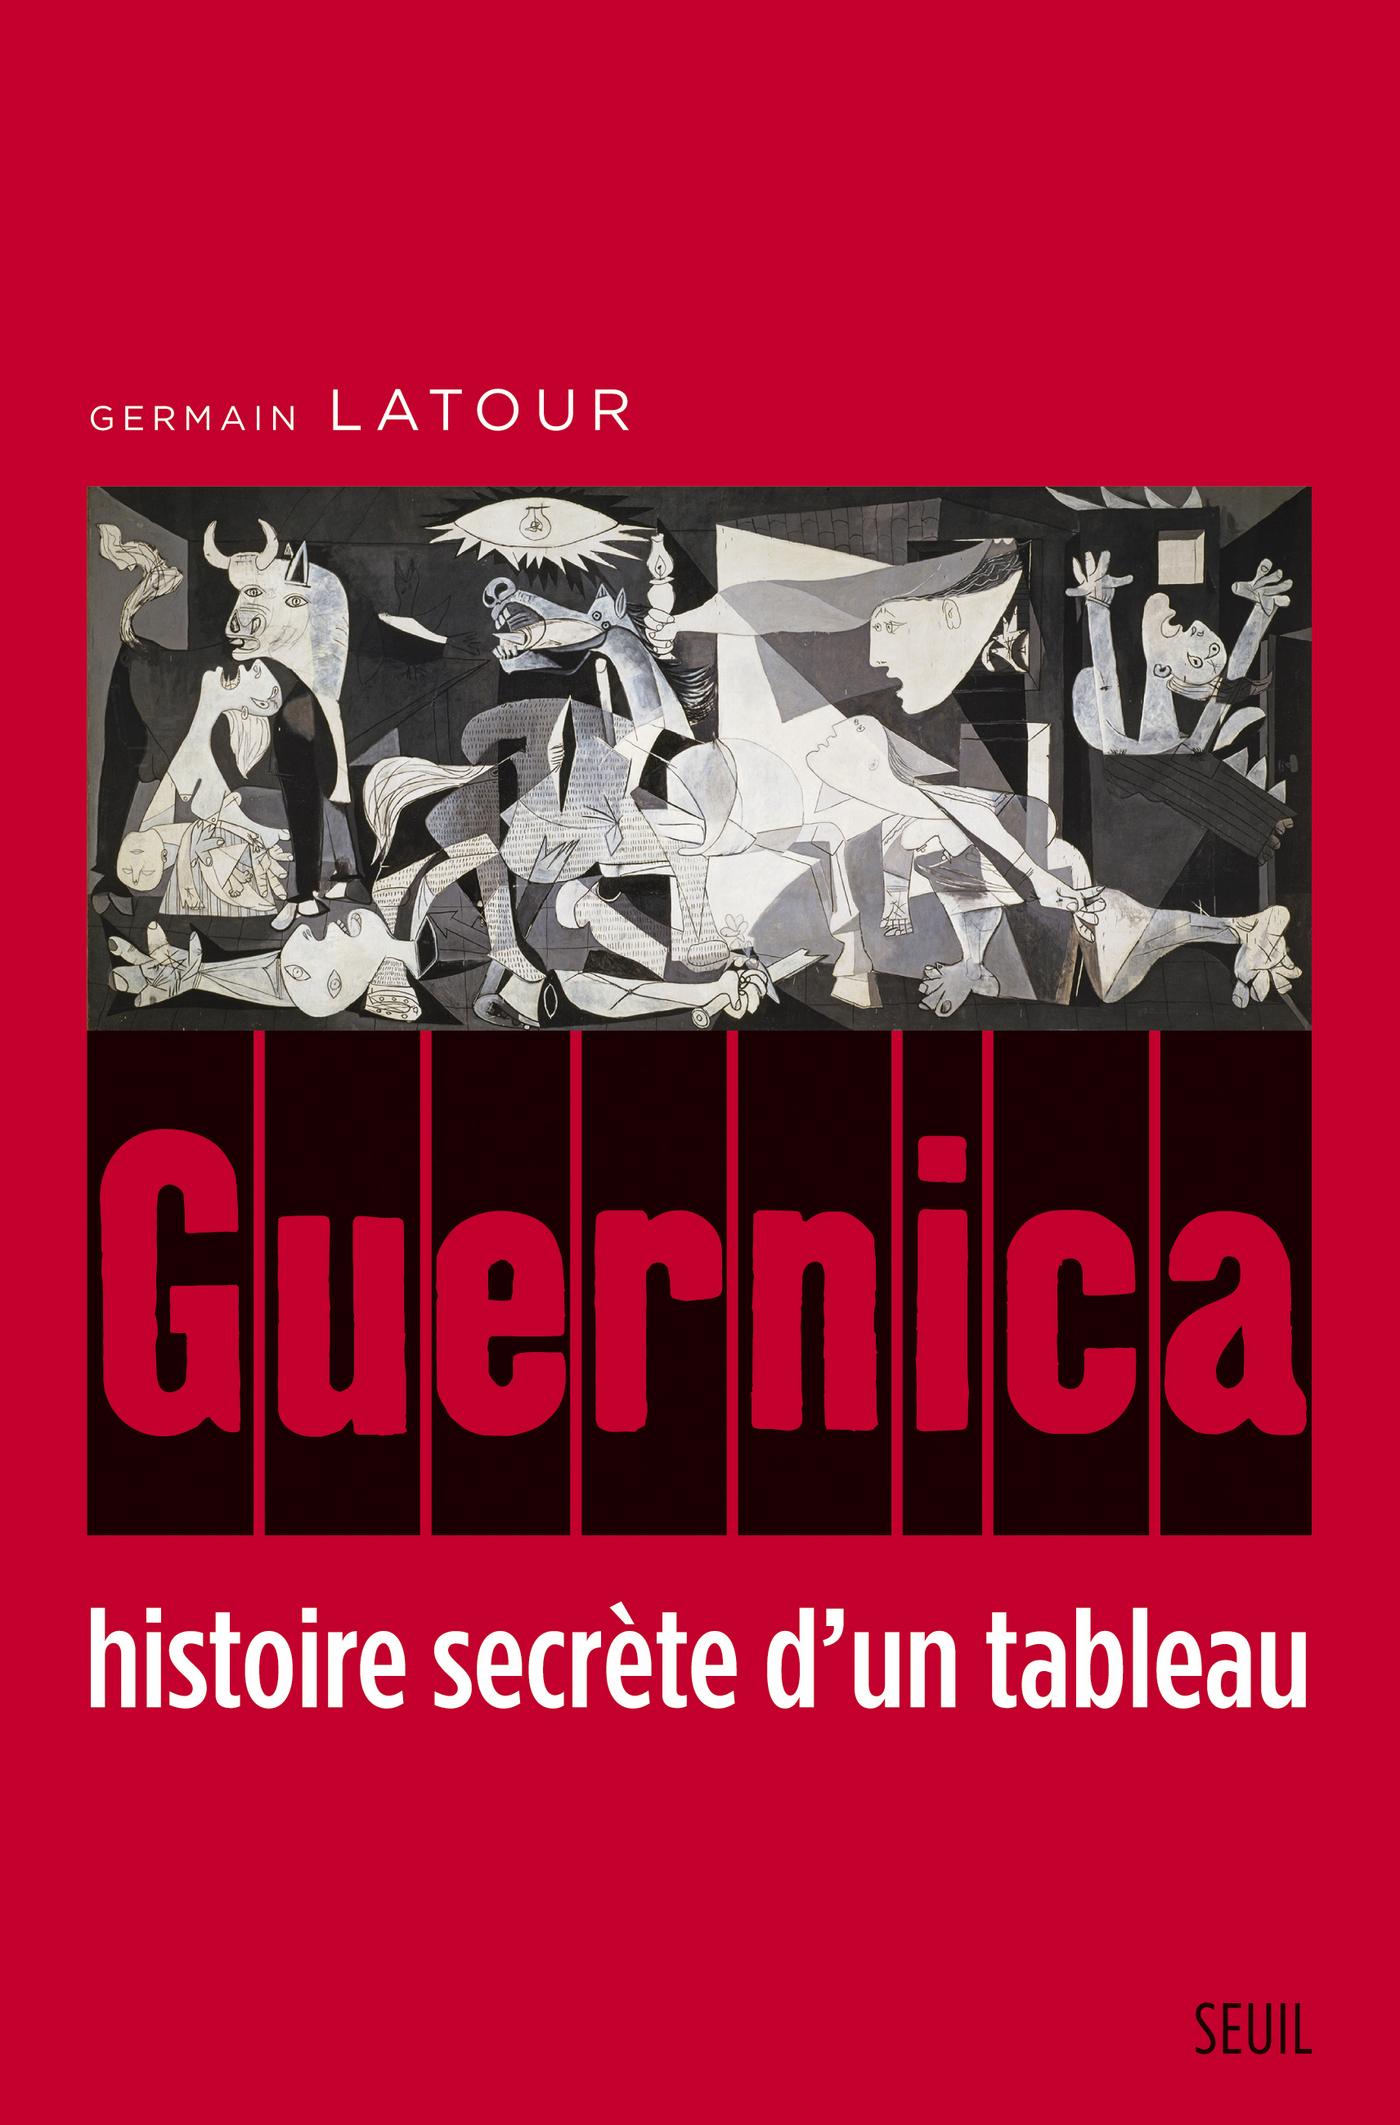 Guernica, histoire secrète d'un tableau | Latour, Germain